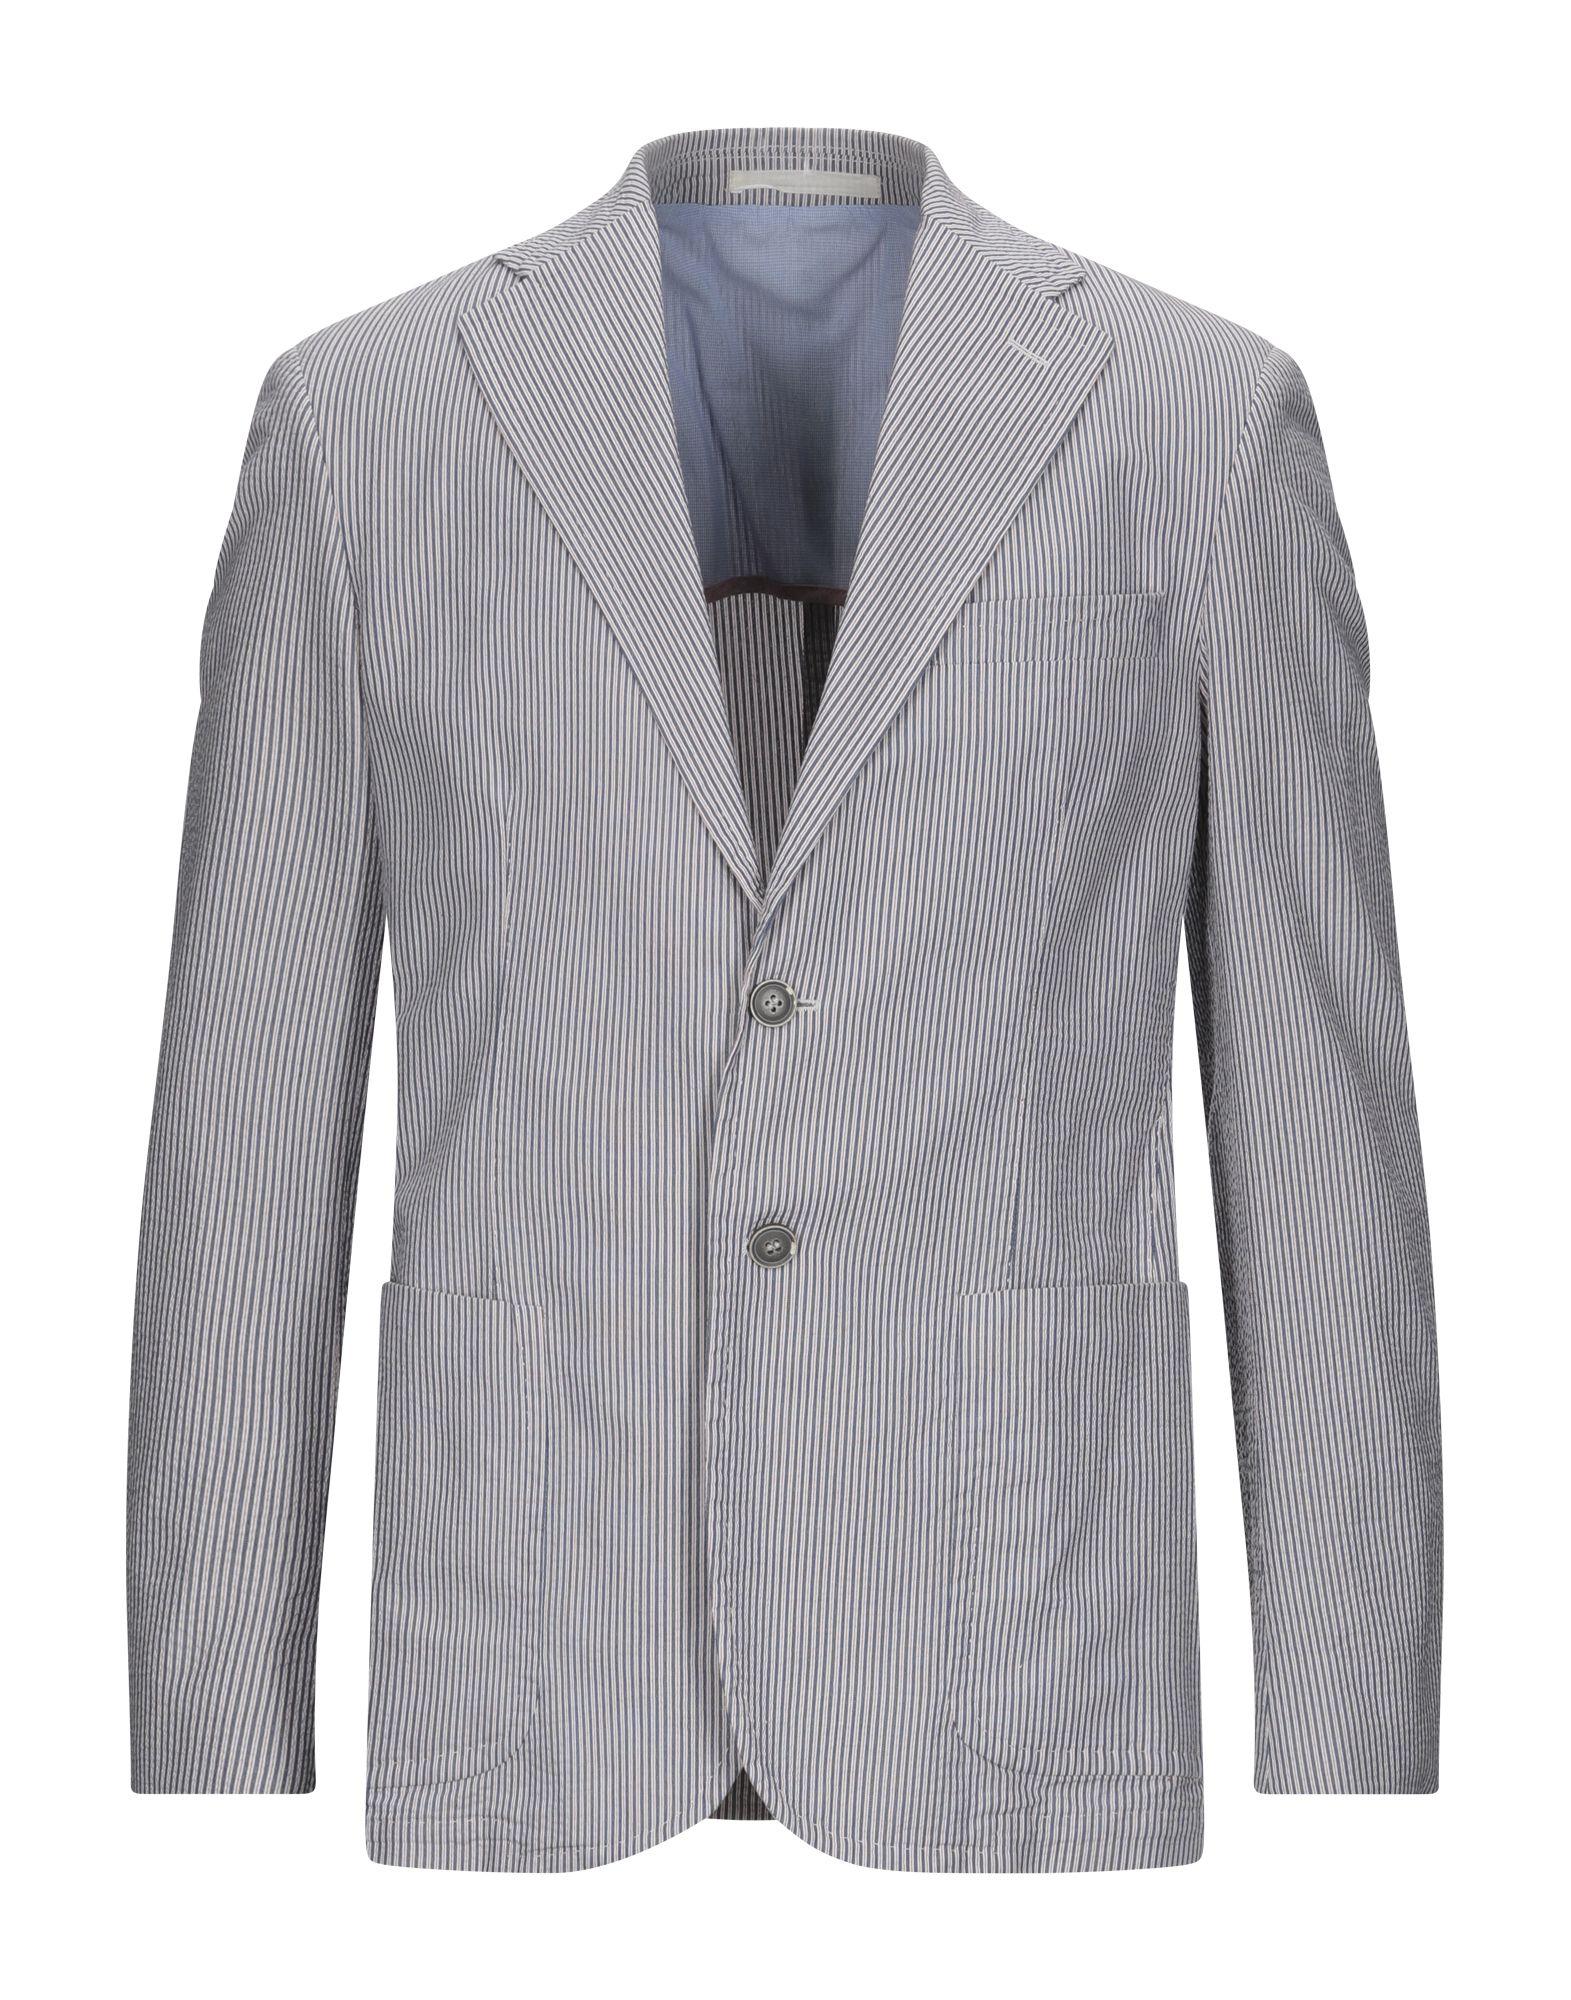 《セール開催中》BERRY & BRIAN メンズ テーラードジャケット ブルー 48 コットン 100%